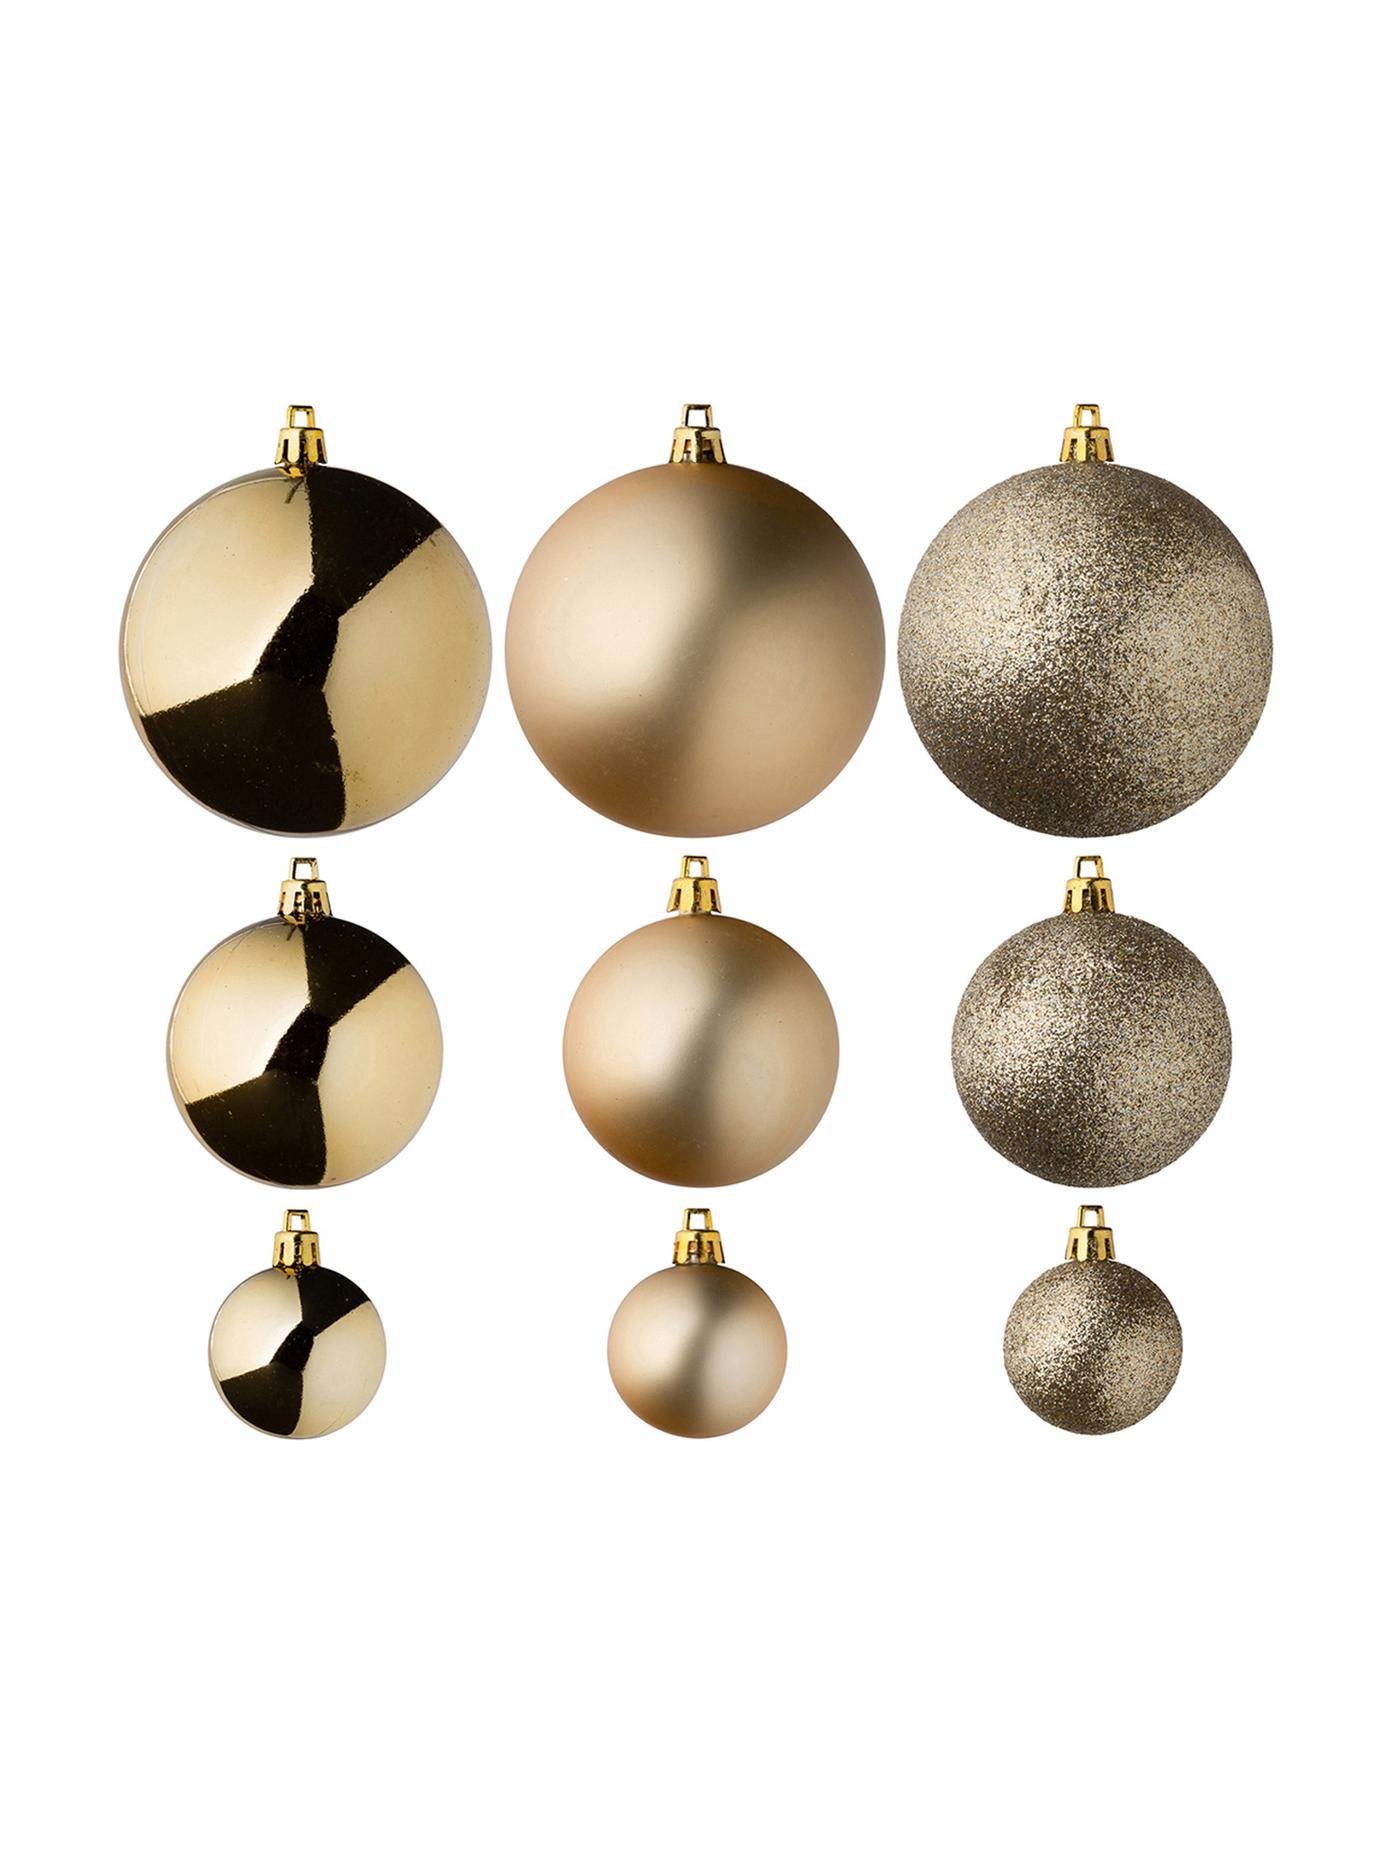 Weihnachtskugel-Set Silvia, 46-tlg., Kunststoff, Goldfarben, Verschiedene Grössen